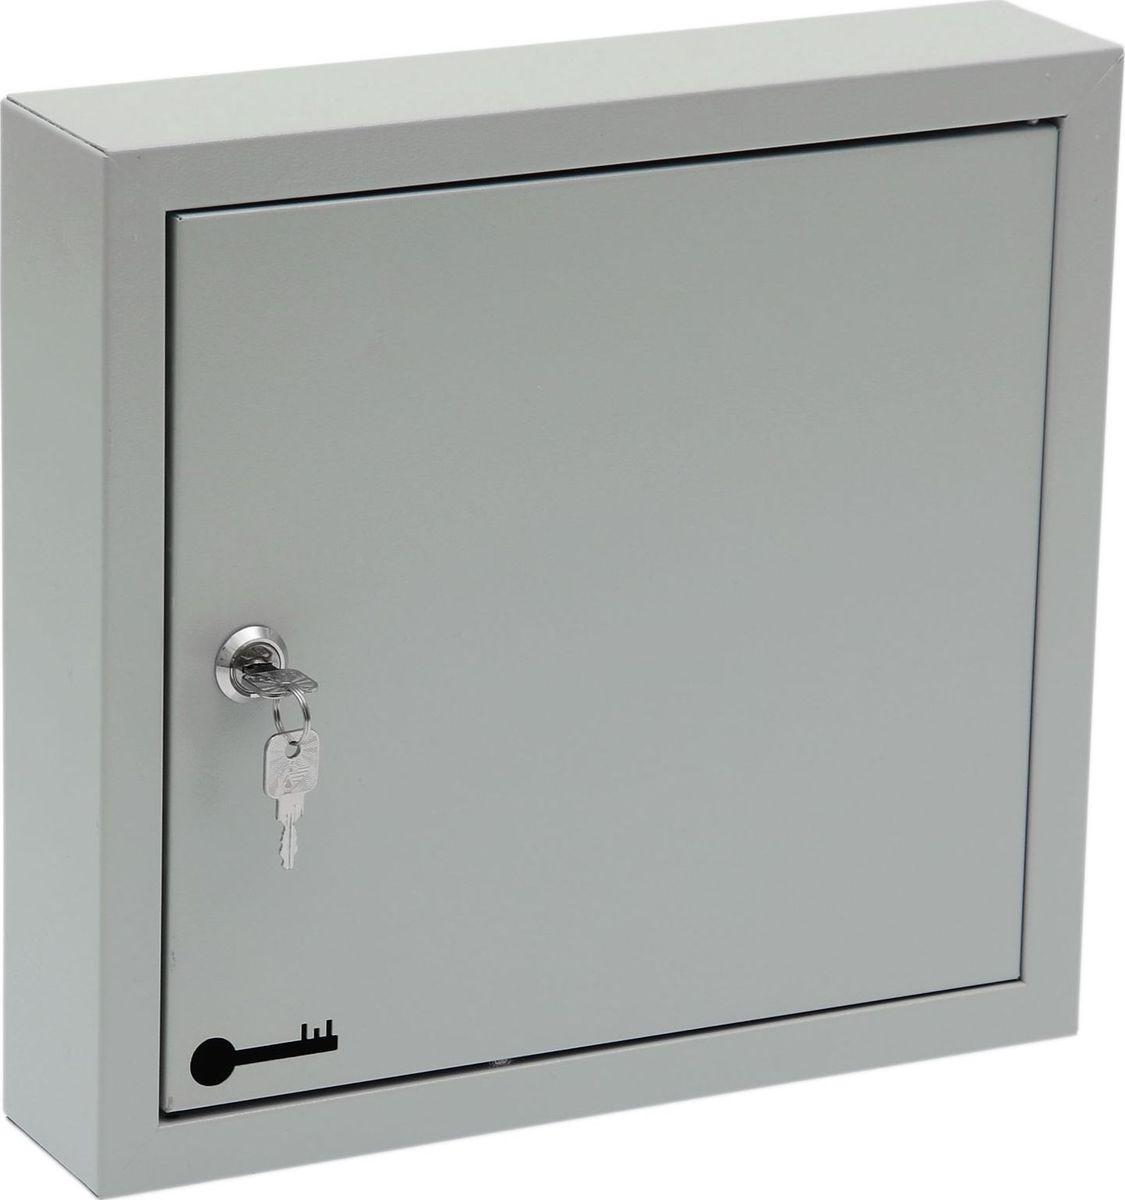 Ключница настенная ОТК, 40 крючков, 40 бирок, 31 х 33 х 7 см1723839Ключница ОТК станет полезным и очень красивым приобретением для вашего дома. Прикрепите ее на удобное место в прихожей, и ваши ключи всегда будут под рукой. Корпус и дверца выполнены из металла и закрываются на замок. Внутри имеются стальные крючки, которые, в отличие от пластмассовых, не подвержены деформации.Преимущества:- прочная стальная конструкция;- предусмотрено крепление к стене;- встроенный замок с ключом входит в комплект;- порошковое полимерное покрытие. Ключница содержит: 40 крючков; 40 бирок.